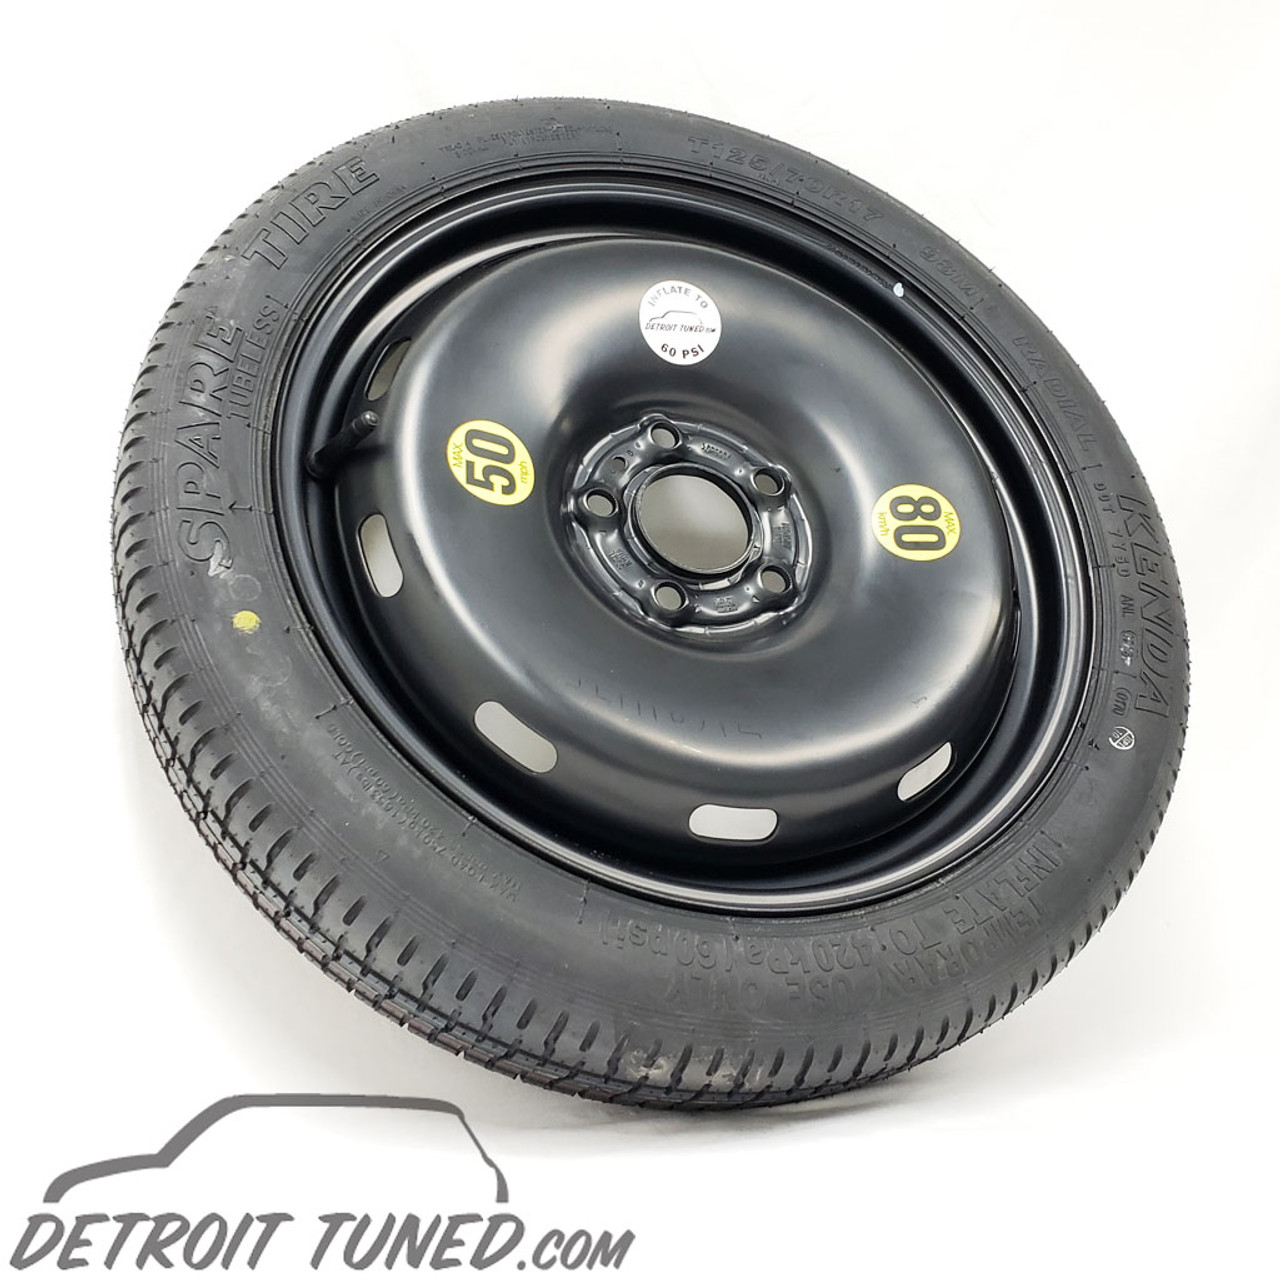 Mini Cooper Spare Tire >> Mini Cooper F60 Countryman Spare Tire 5 Lug